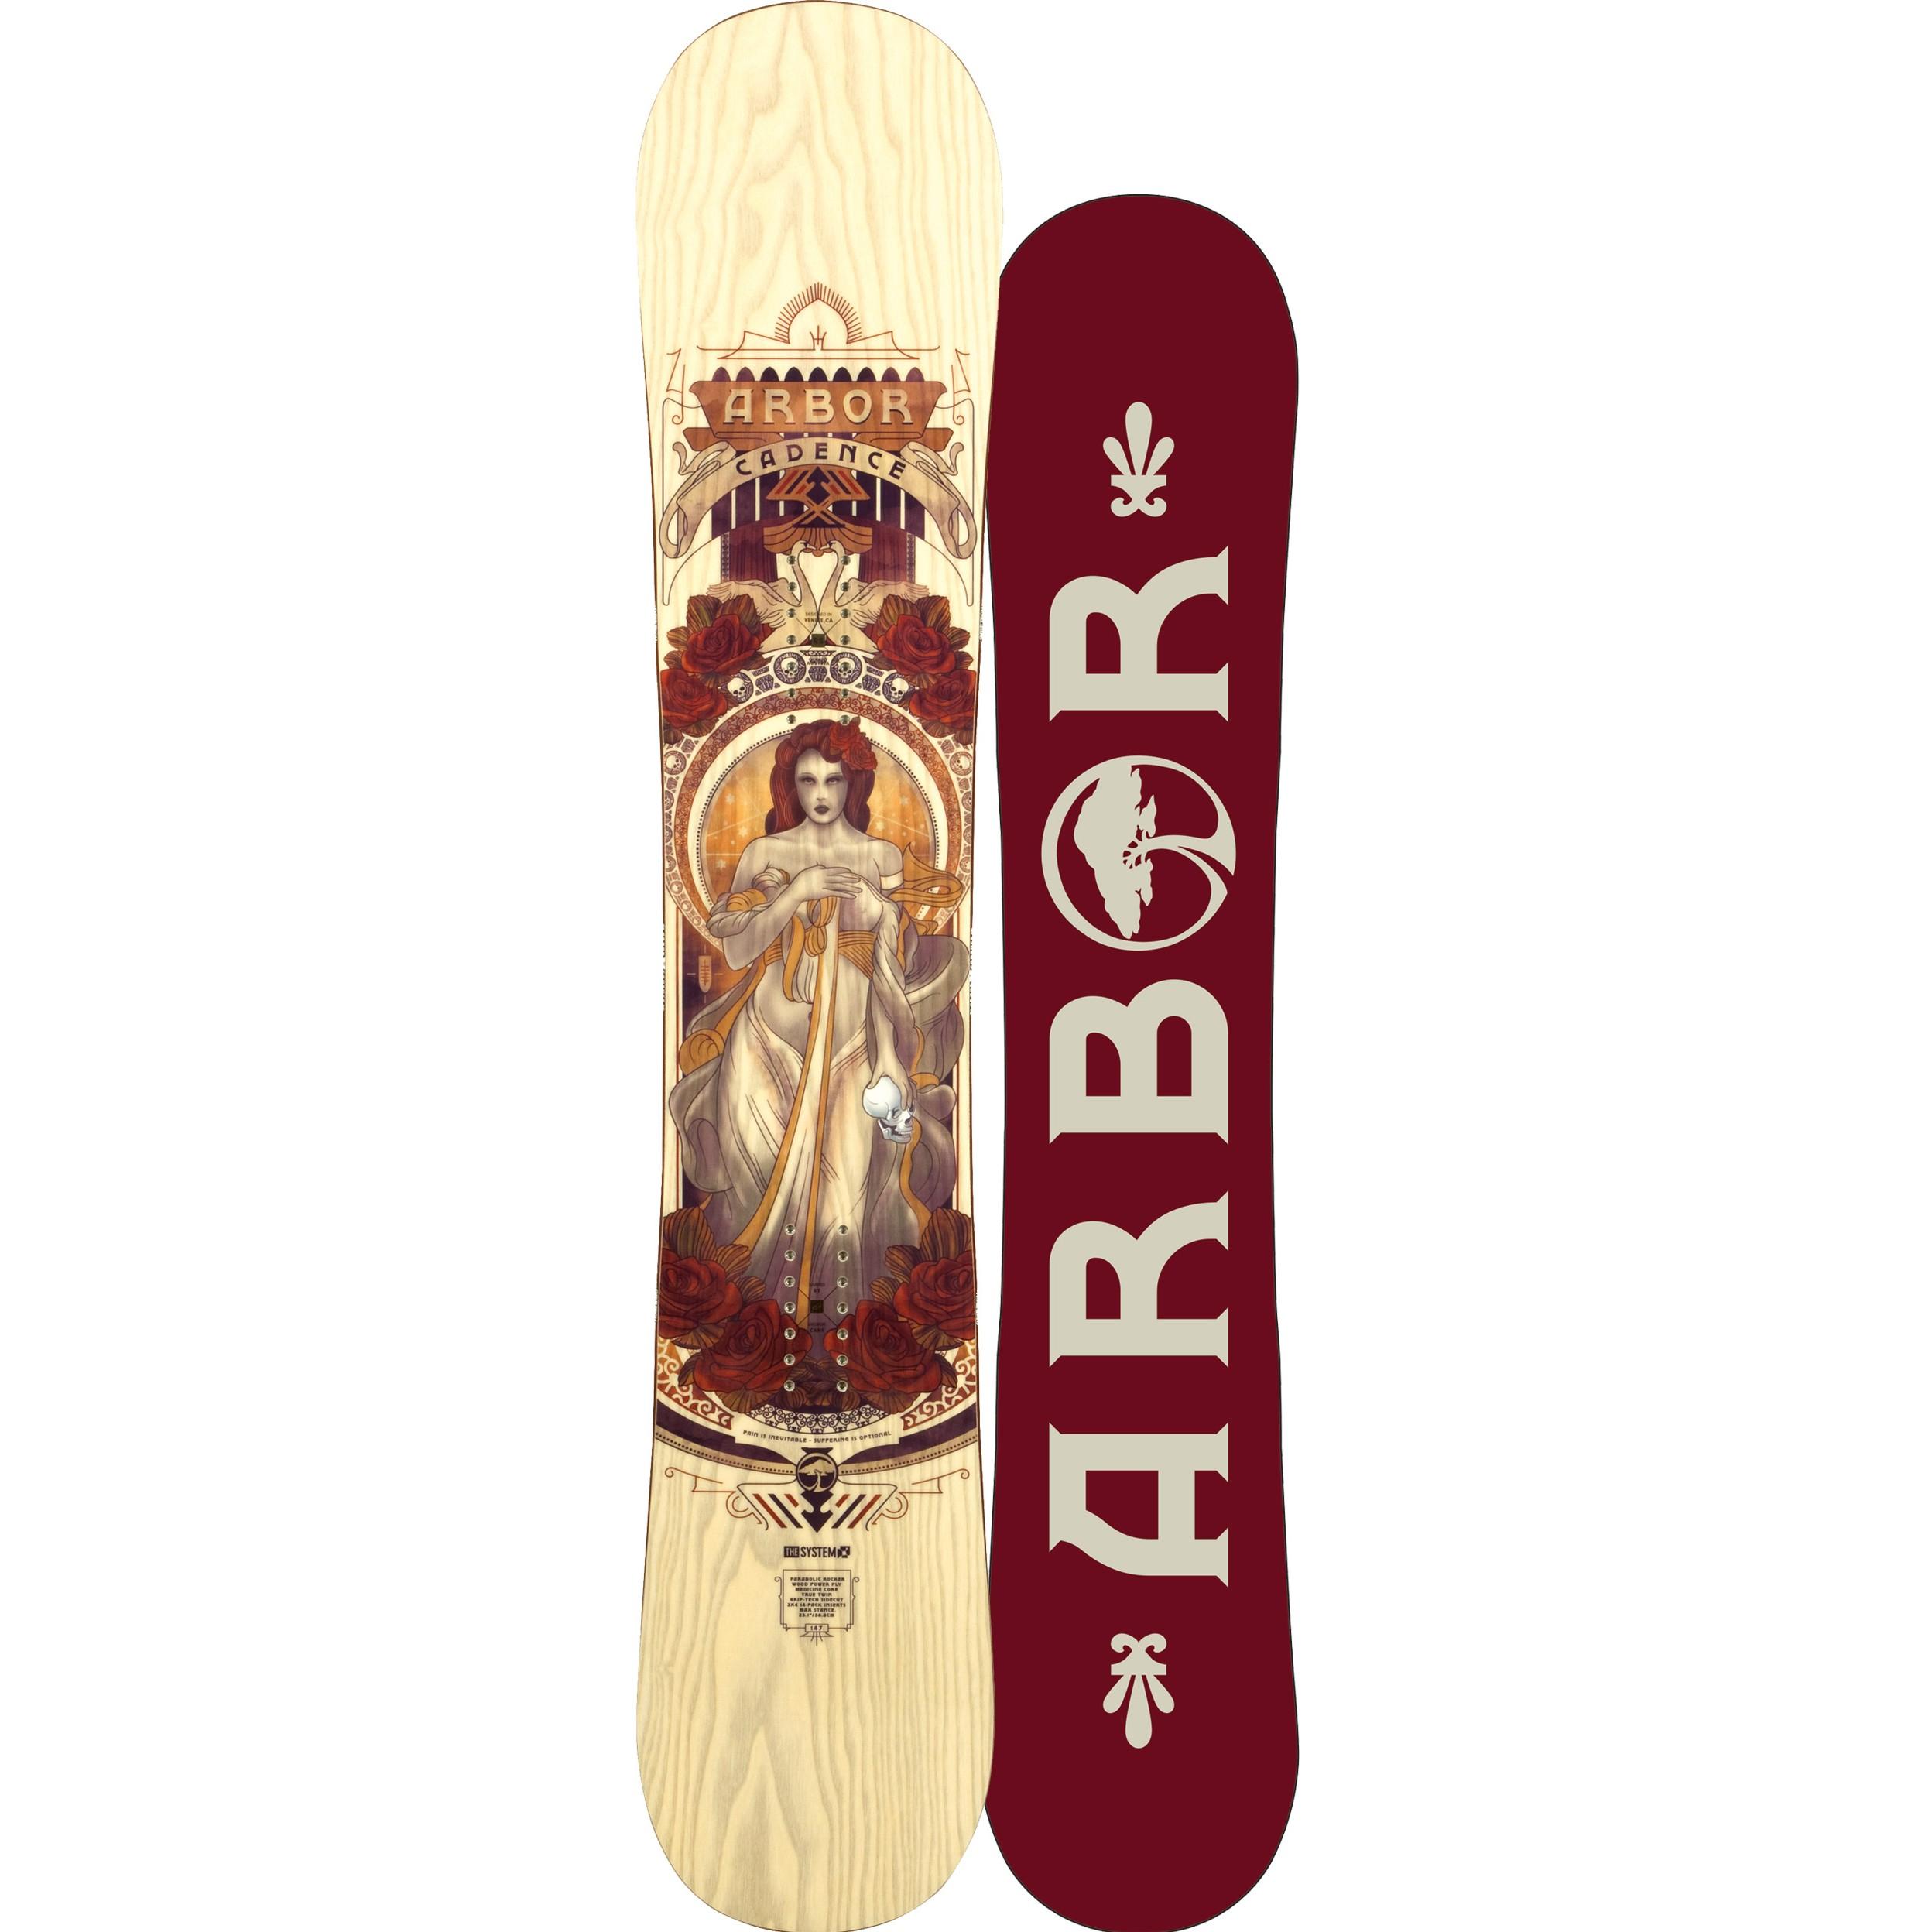 Arbor Snowboards Recieves Multiple 2014 Awards!